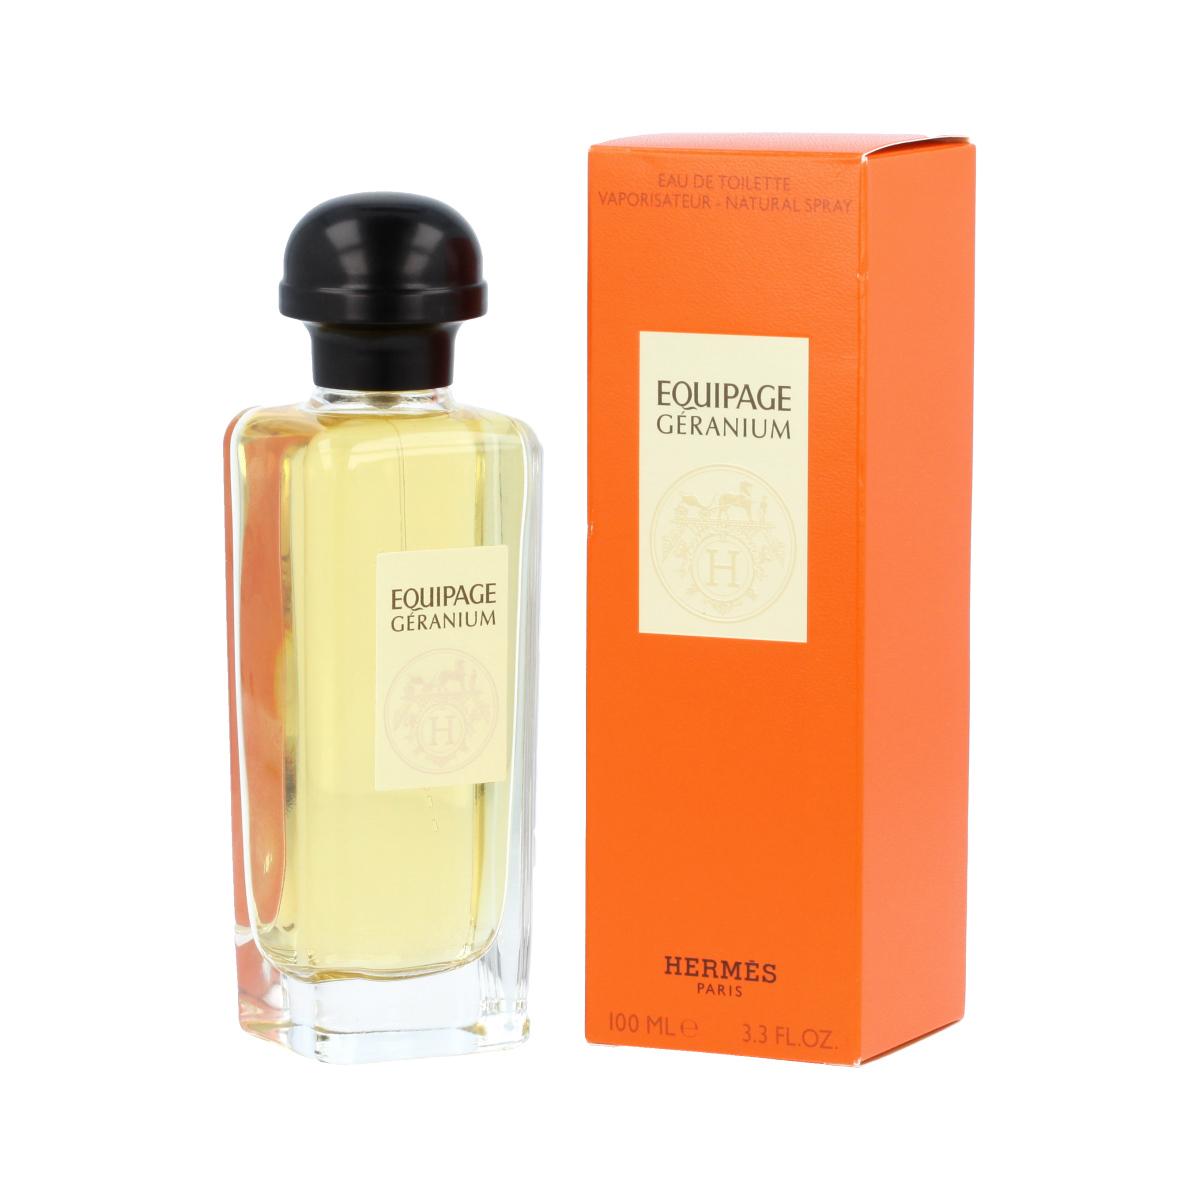 Hermès Equipage Geranium Eau De Toilette 100 ml (man) 86378